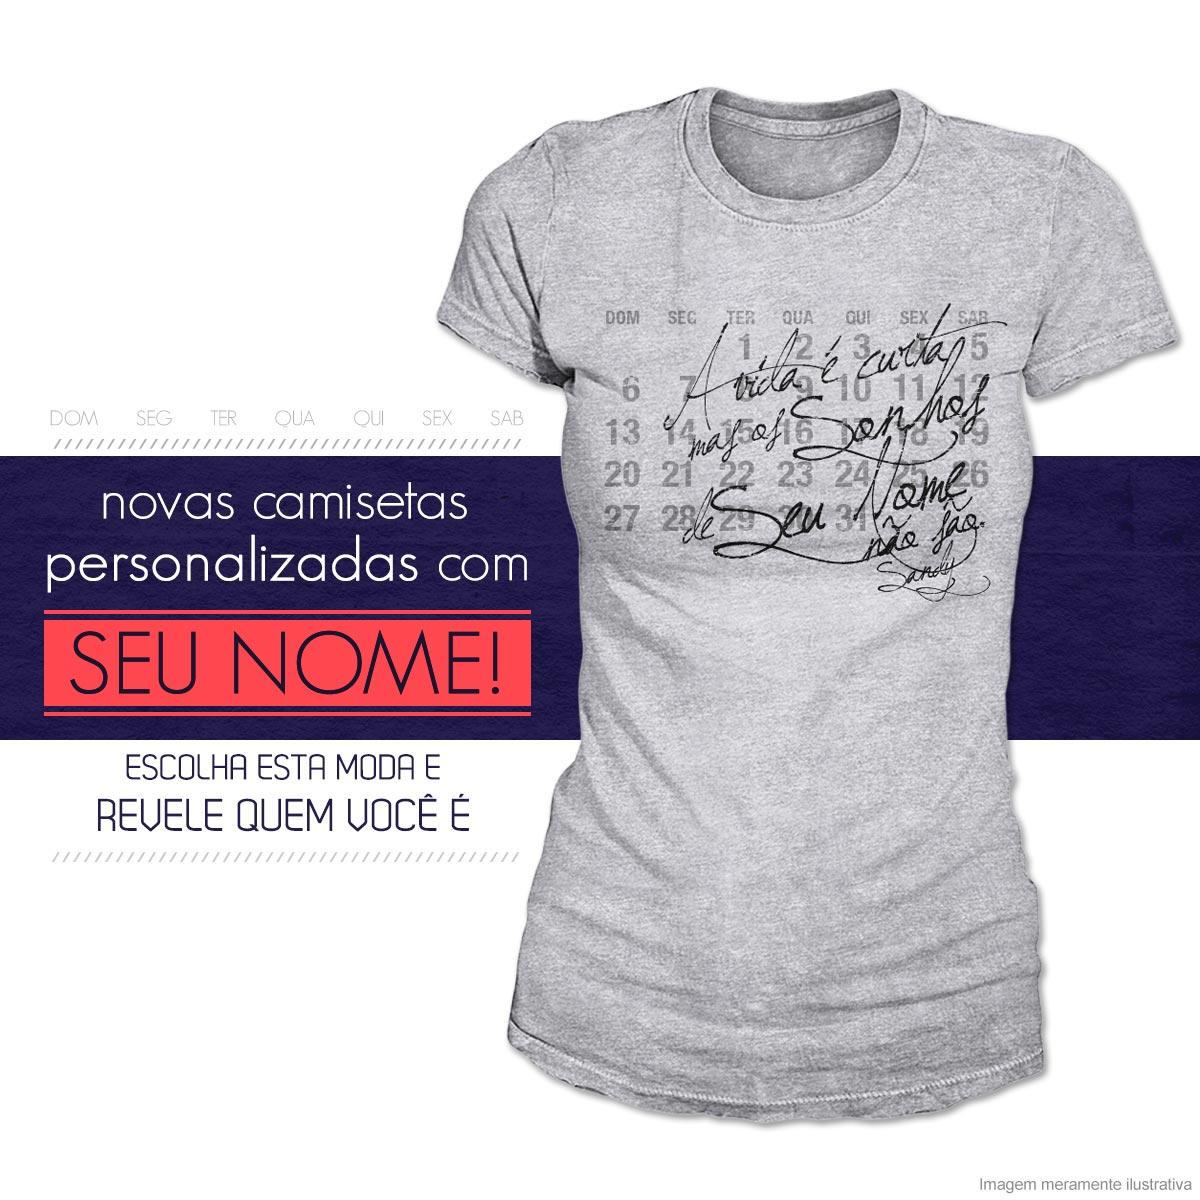 d0522f54c5 Sandy - Oficial Porto Alegre  COMPRE Camisetas Personalizadas com o ...